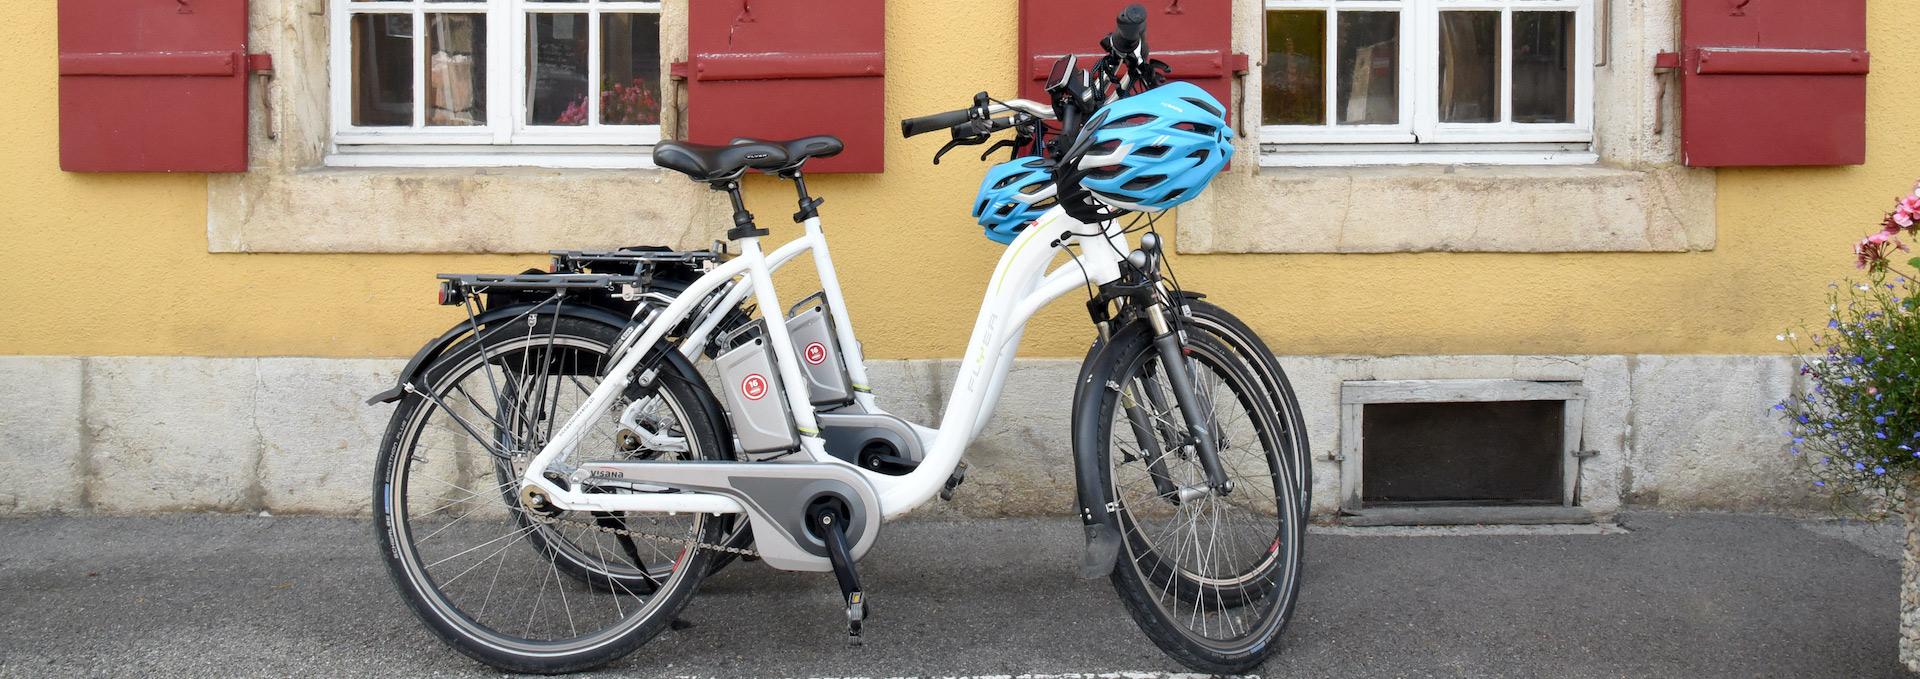 Vélo devant l'Hôtel de l'Aigle